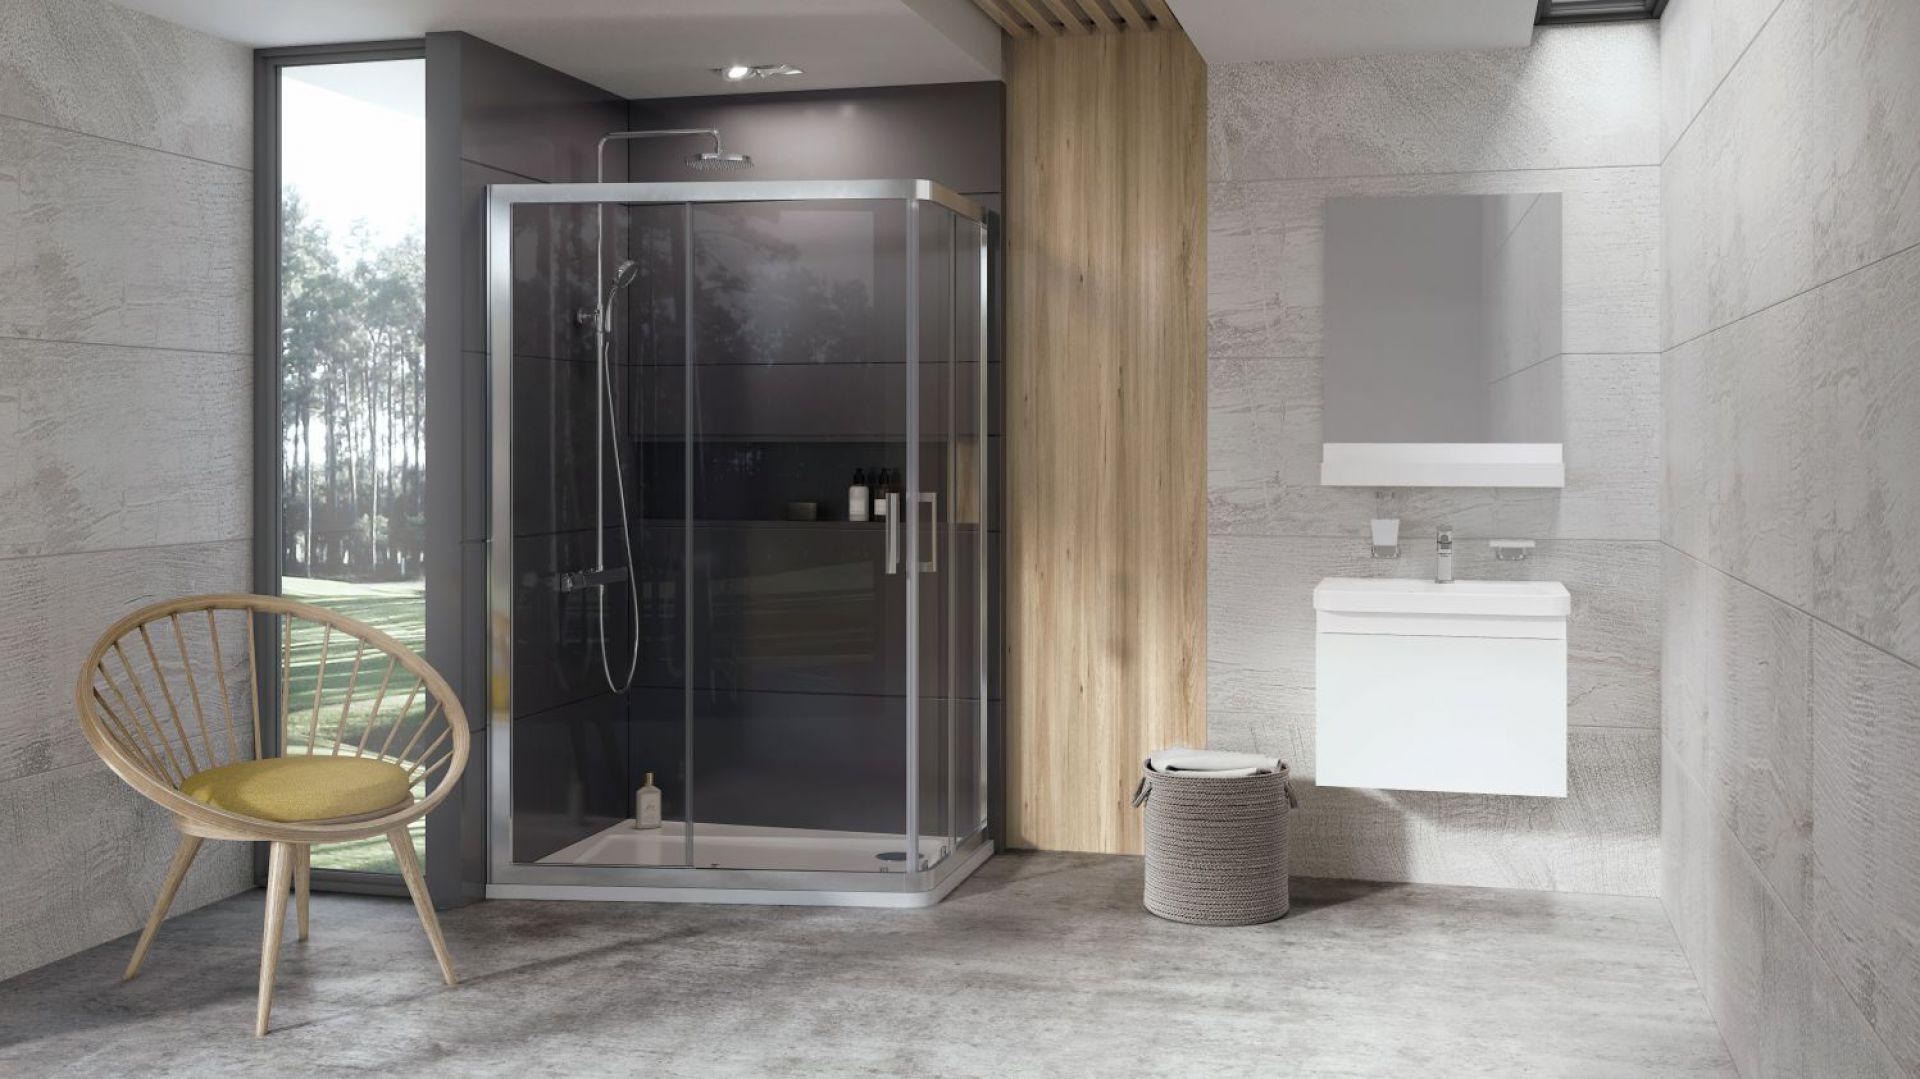 Nowa kabina prysznicowa ze znanego konceptu łazienkowego 10◦ jest zbudowana na prostokątnej powierzchni brodzika. Fot. Ravak